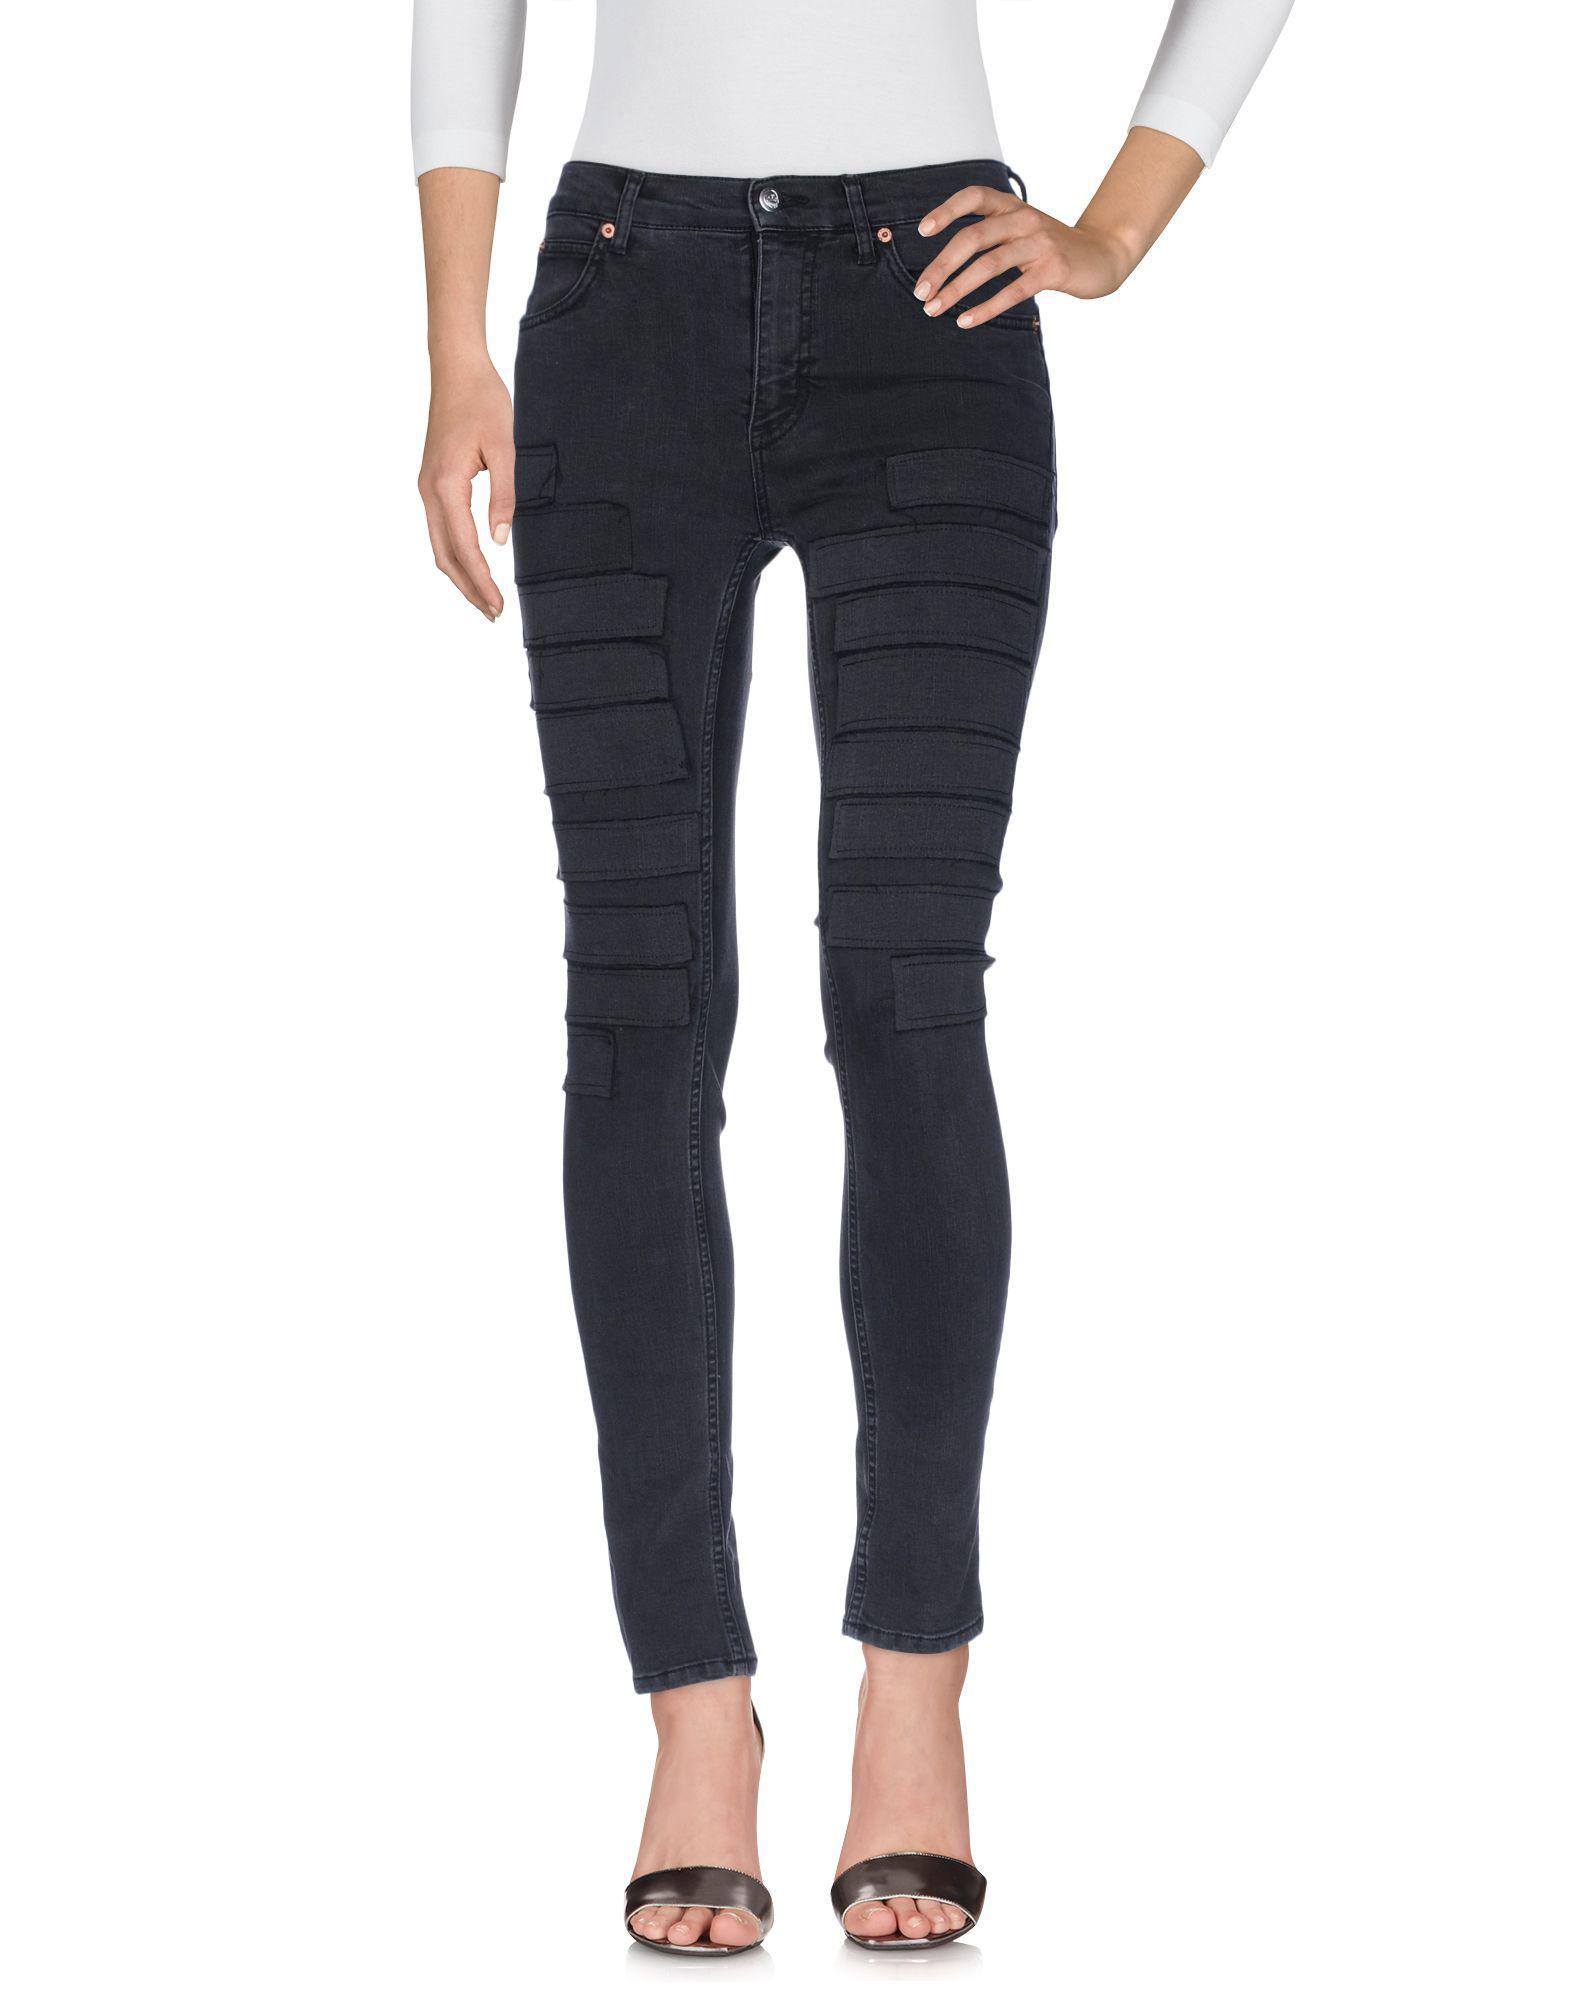 Lyst - Cheap Monday Denim Trousers in Black cbe6a07063f